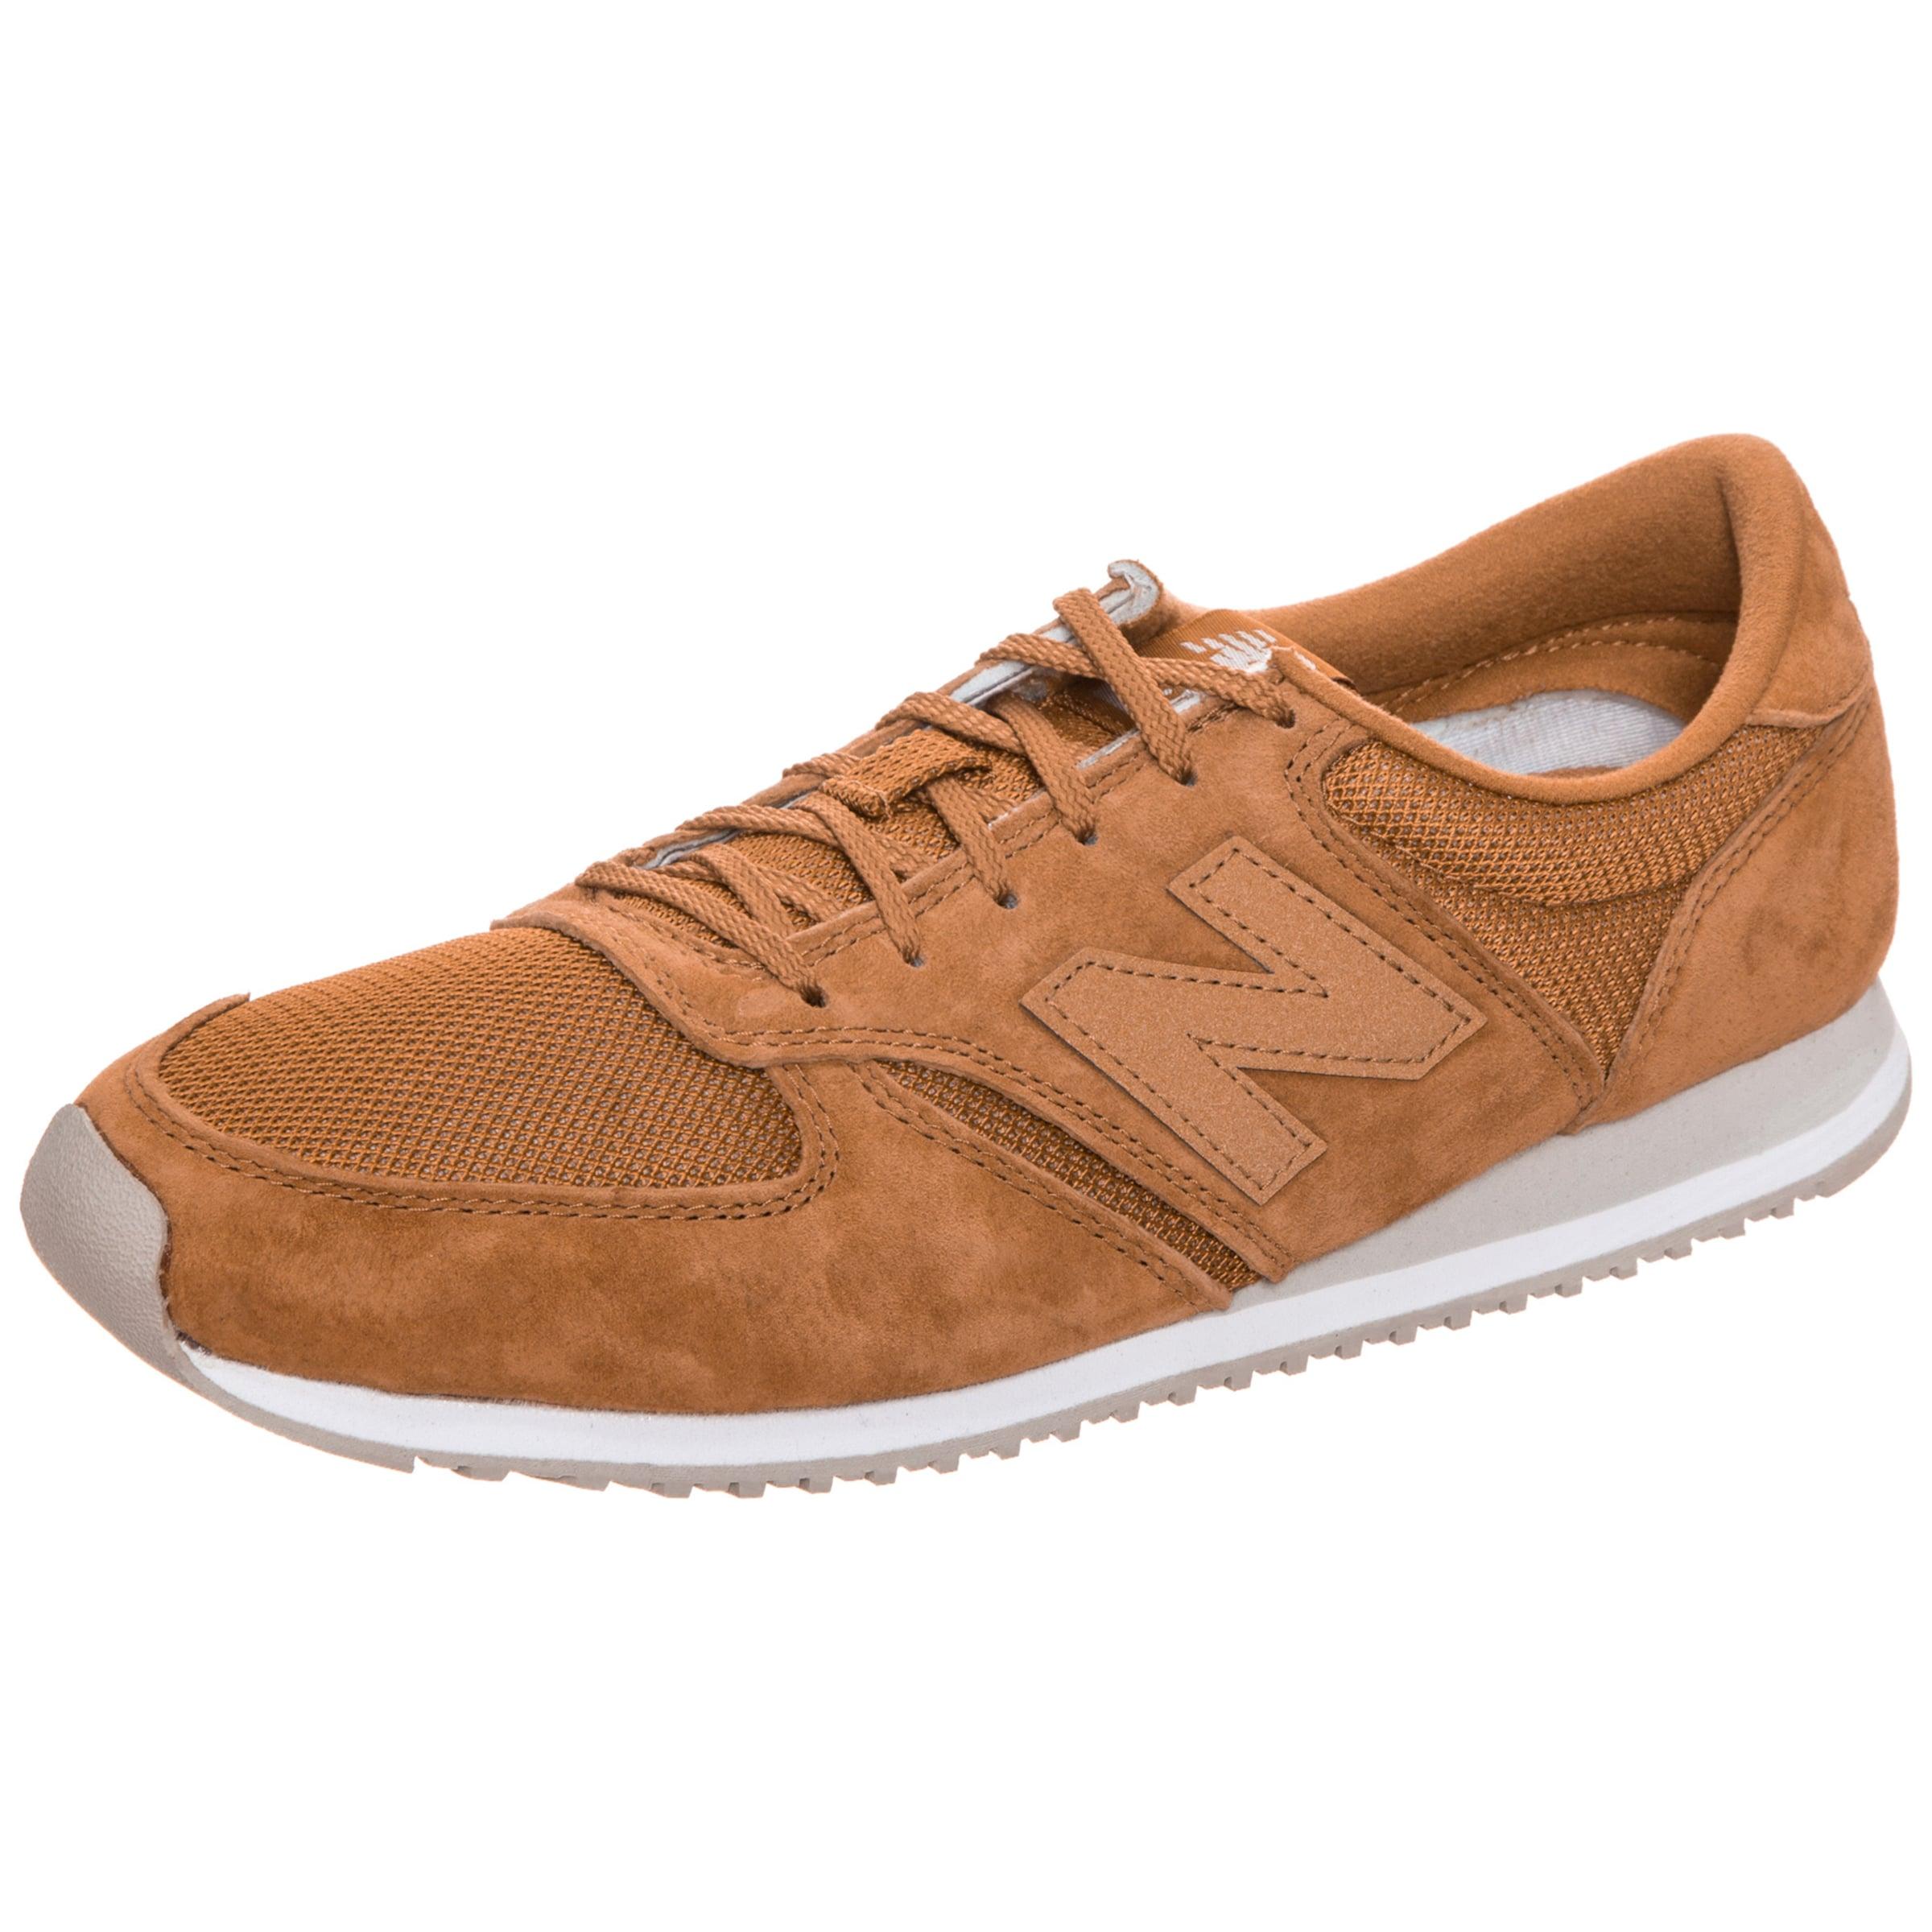 a87b0dec7332b Sneakers NEW BALANCE U420KSL Schwarz Hohe Qualität e5c0e8 ...